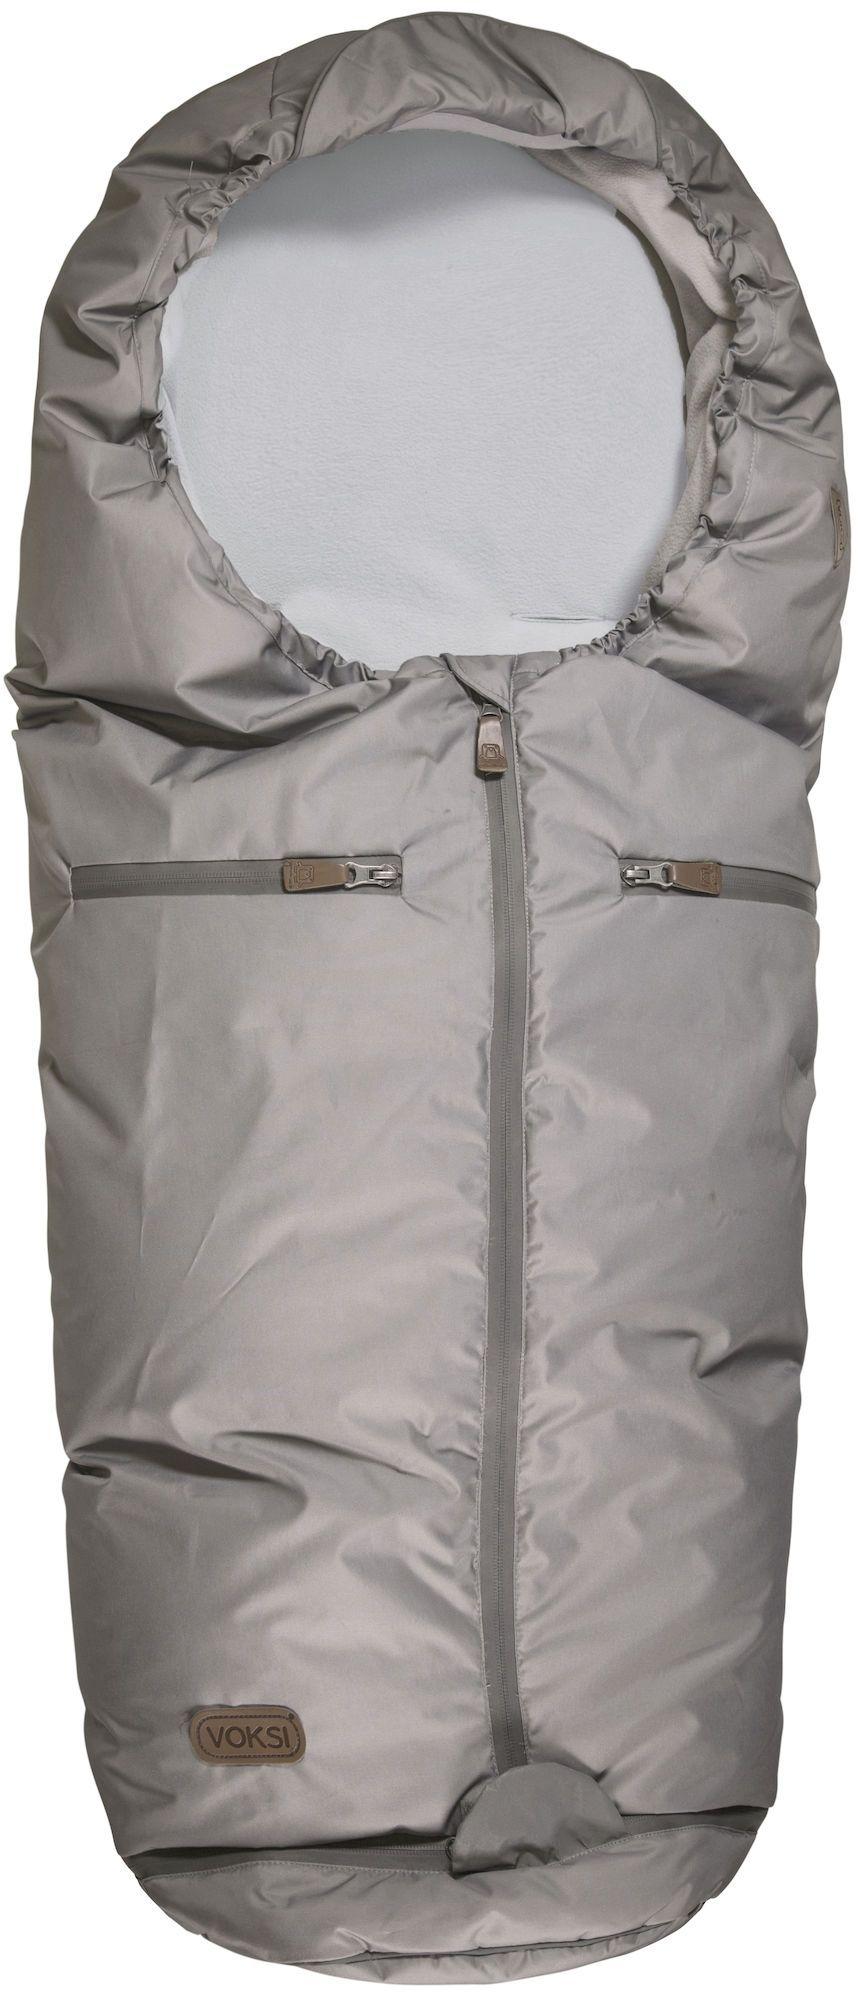 Image of   Kørepose fra Voksi - Uld og dun - Active - Mountain Grey (0-5 år)